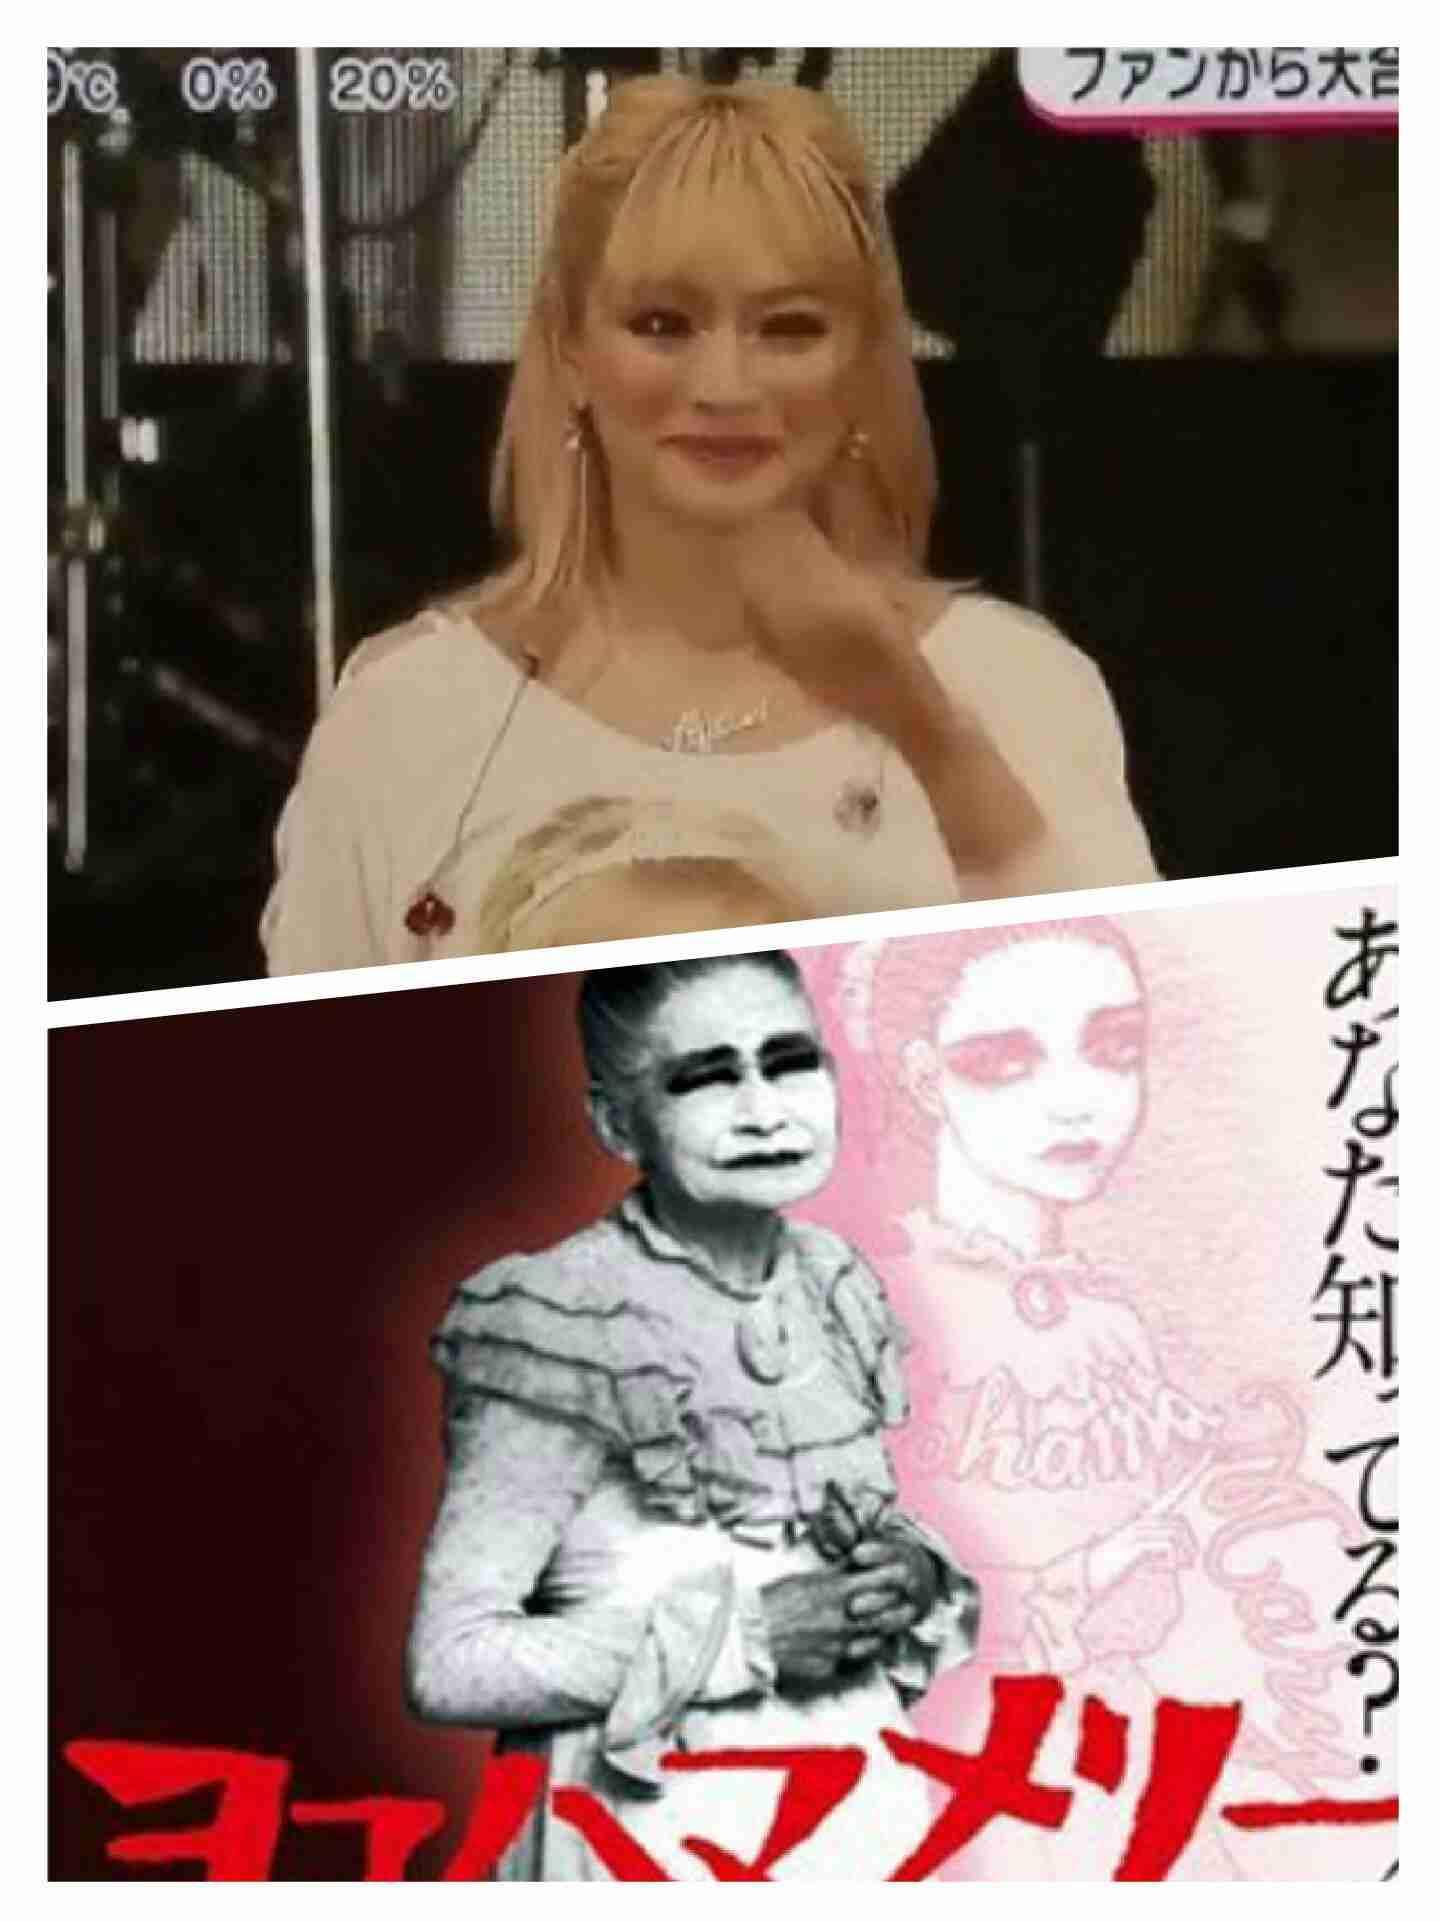 浜崎あゆみ好きだった人